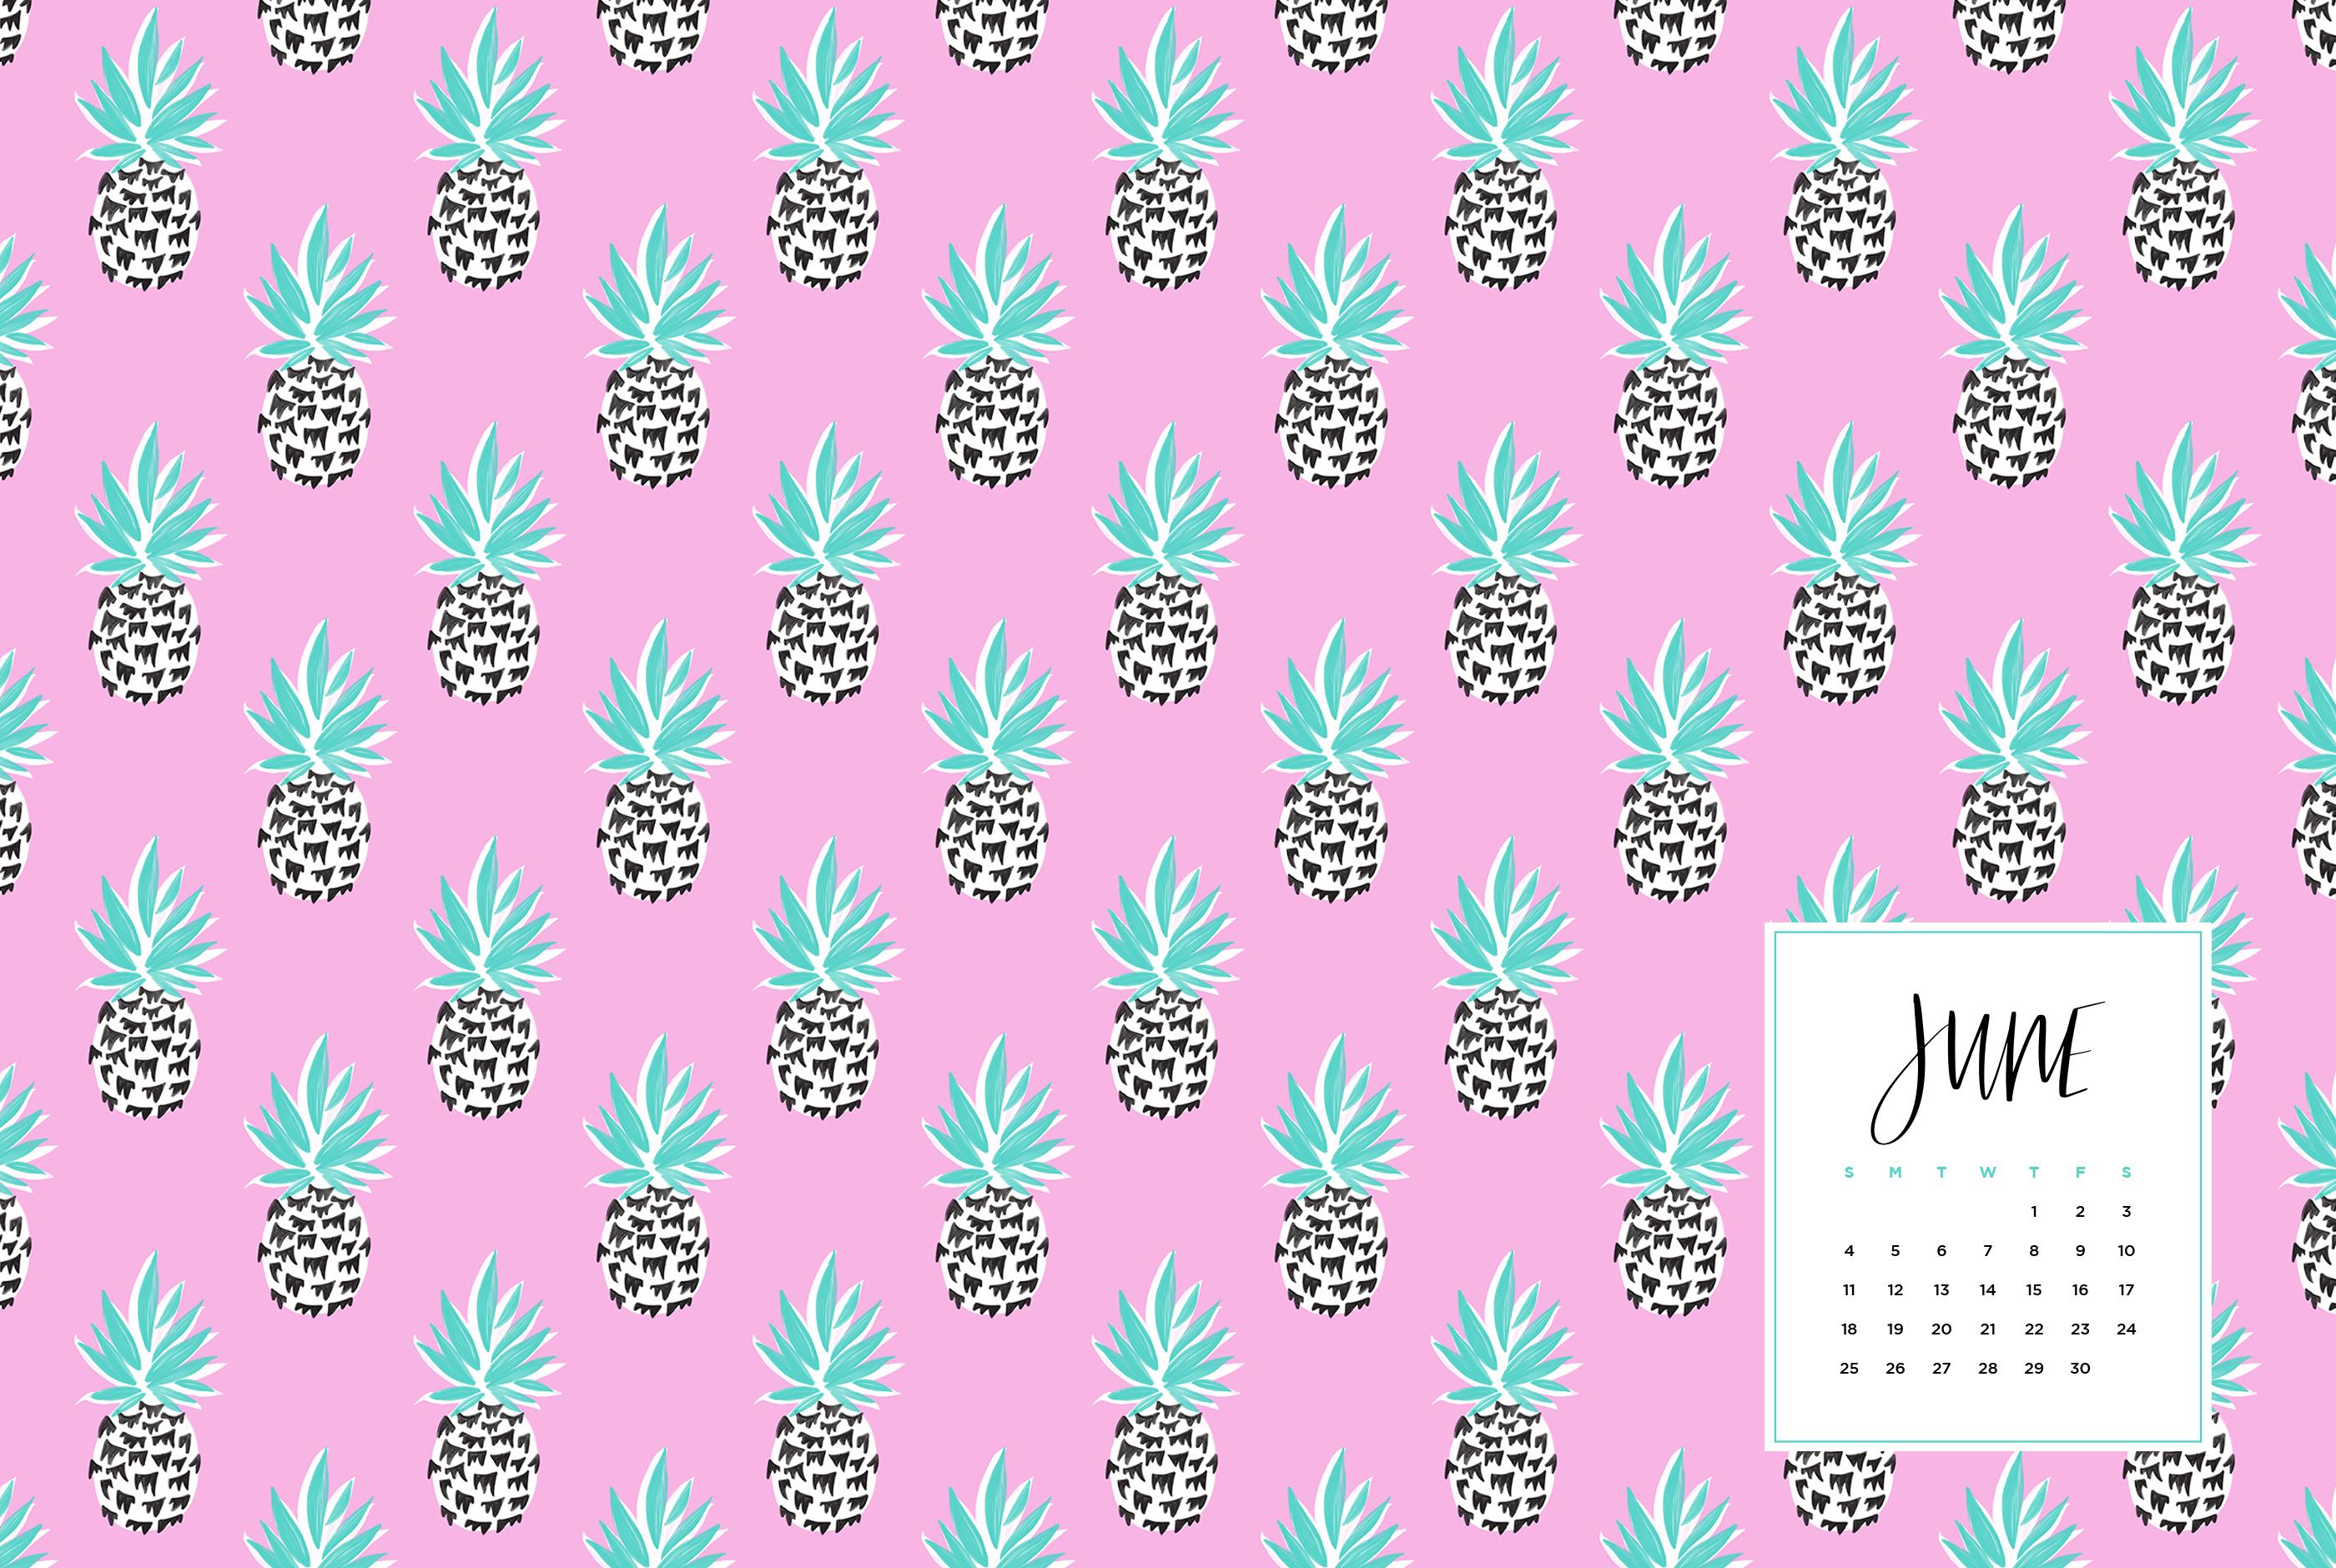 Best Wallpaper Mac Pineapple - 4215708c8897bd7a221074b71d5d27e2a19e892a_june-desktop-wallpaper-pineapples-pink  Gallery_23387.jpg